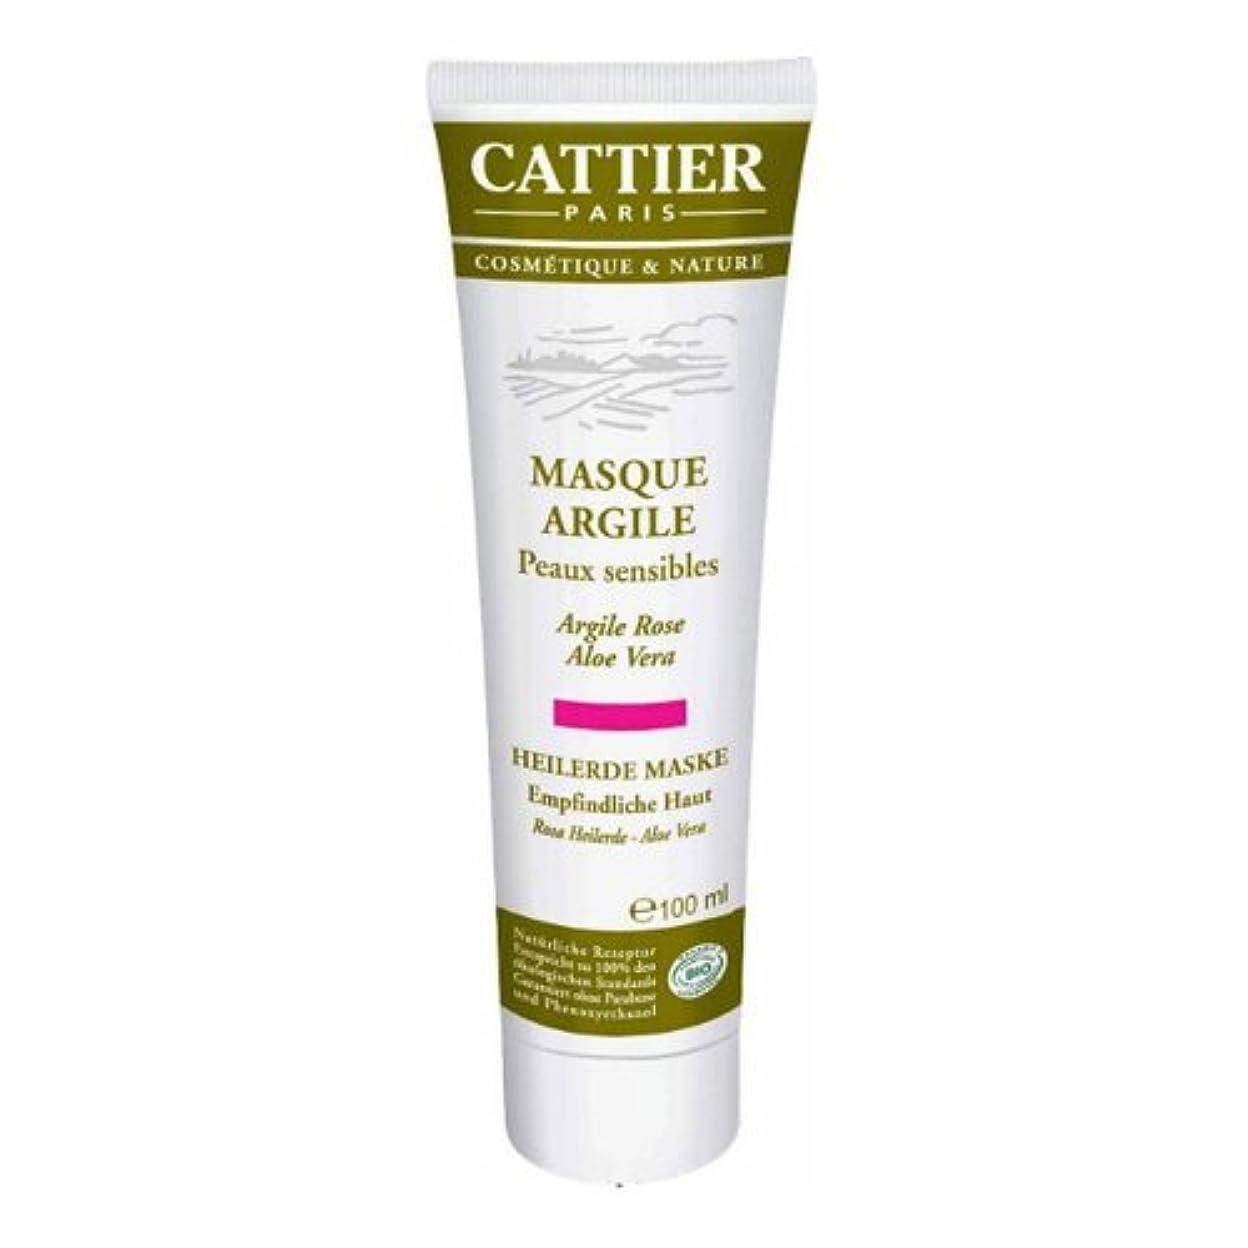 取り付け掃く酸化物カティエ(CATTIER) ピンククレイマスク(敏感肌用) 100ml(並行輸入品)/配送後4~6日でお届け